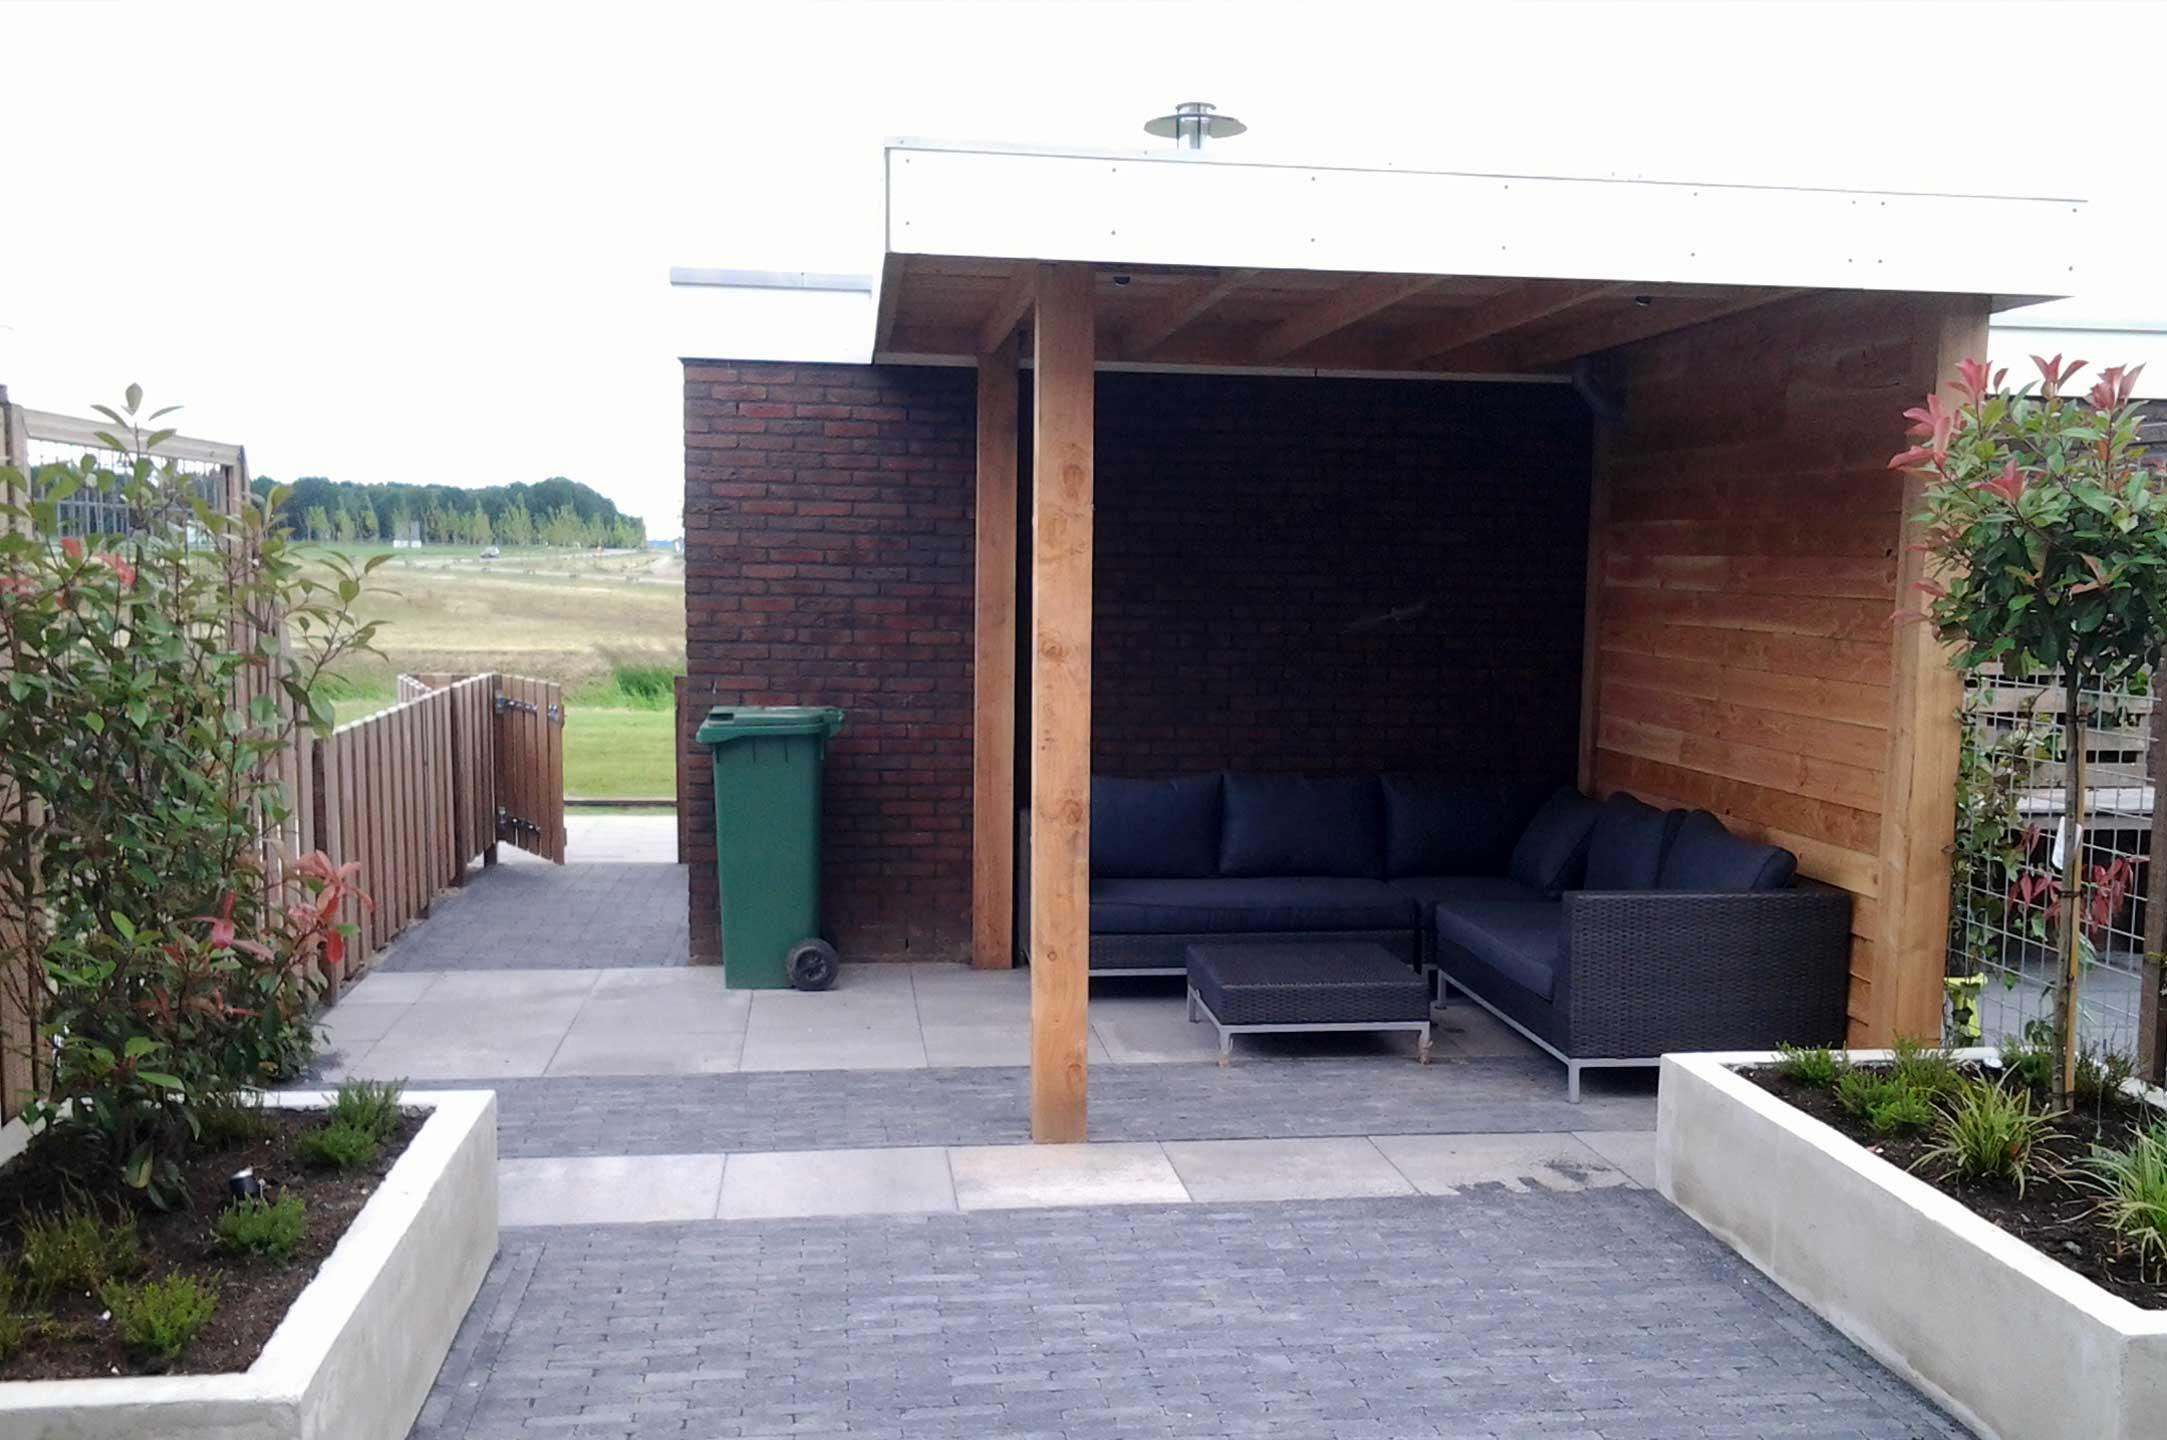 Vos Hoveniers - Project Montfoort